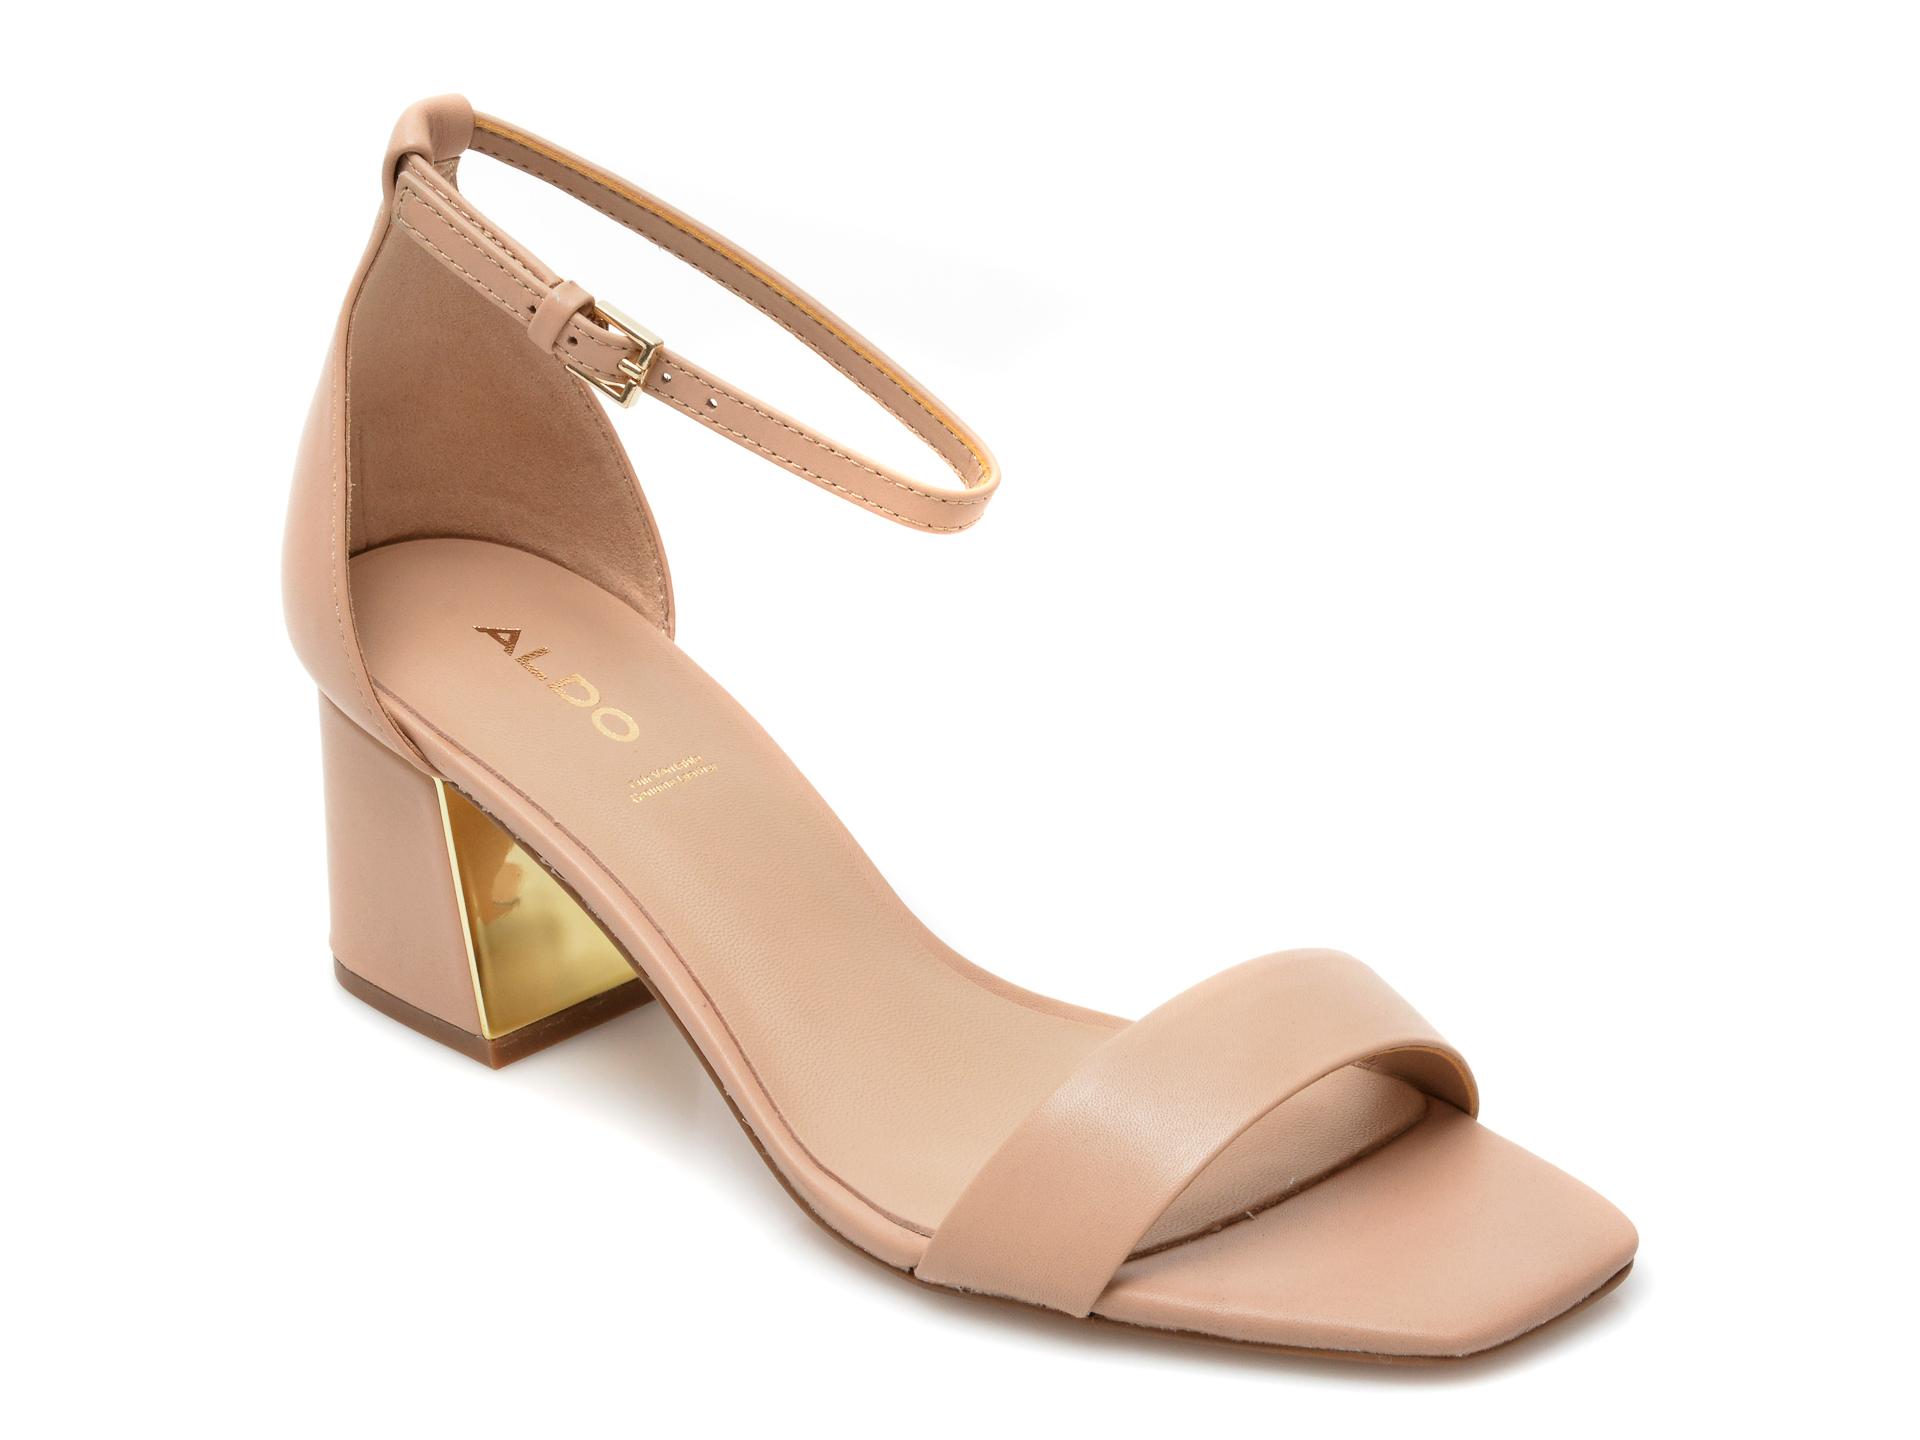 Sandale ALDO nude, Kedeaviel270, din piele naturala imagine otter.ro 2021